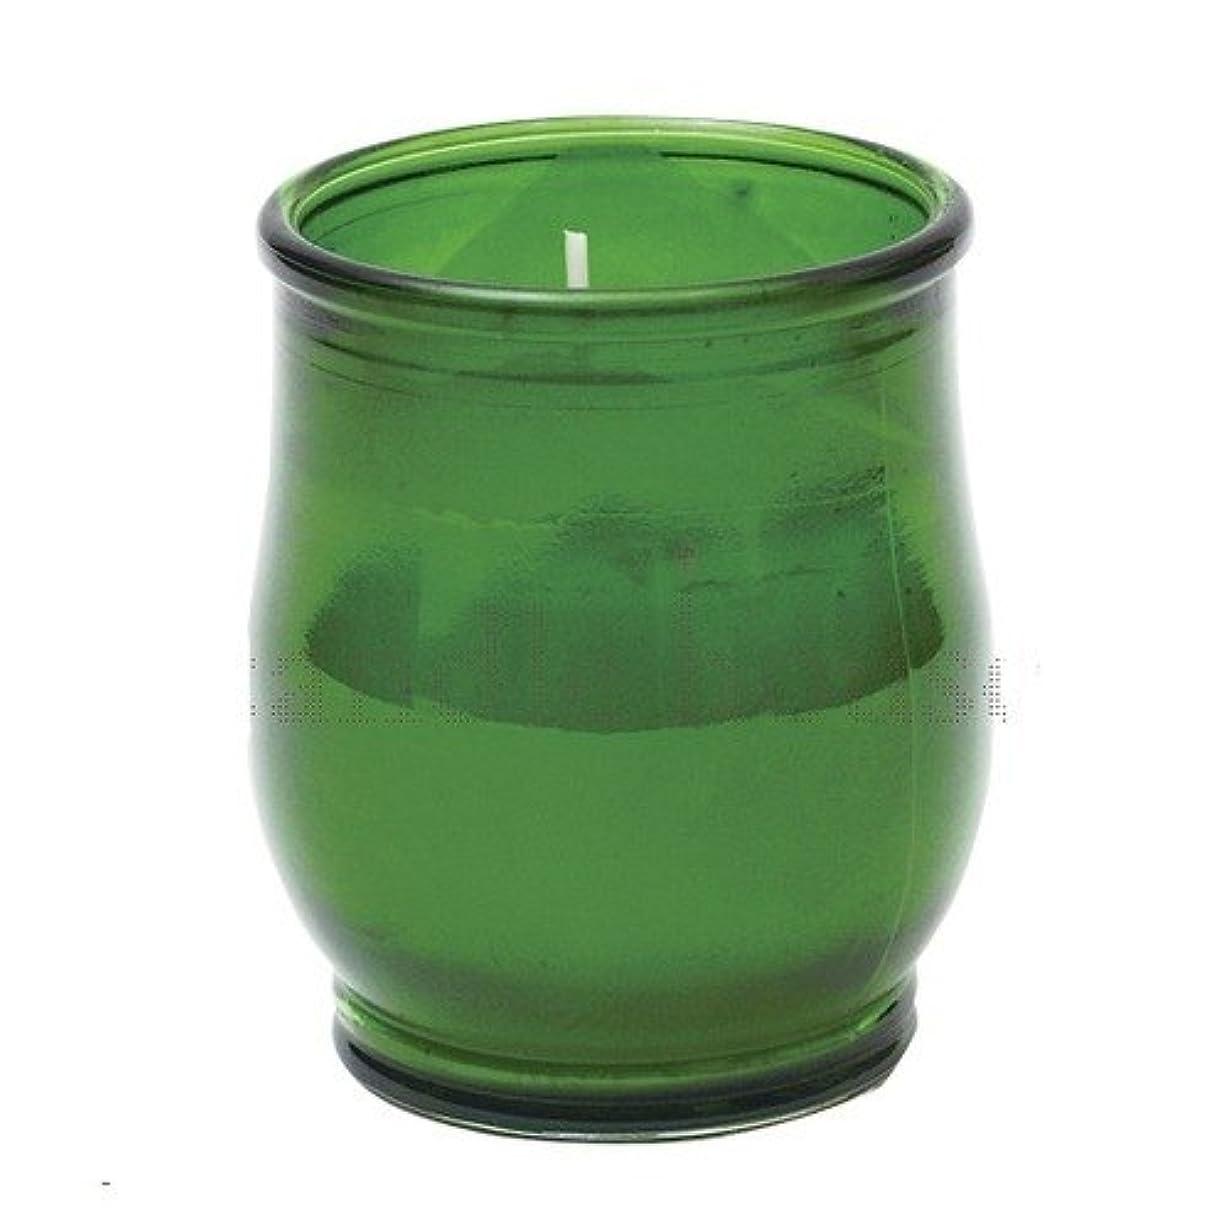 後悔乱暴なプラスチックポシェ(非常用コップローソク) 「 グリーン 」